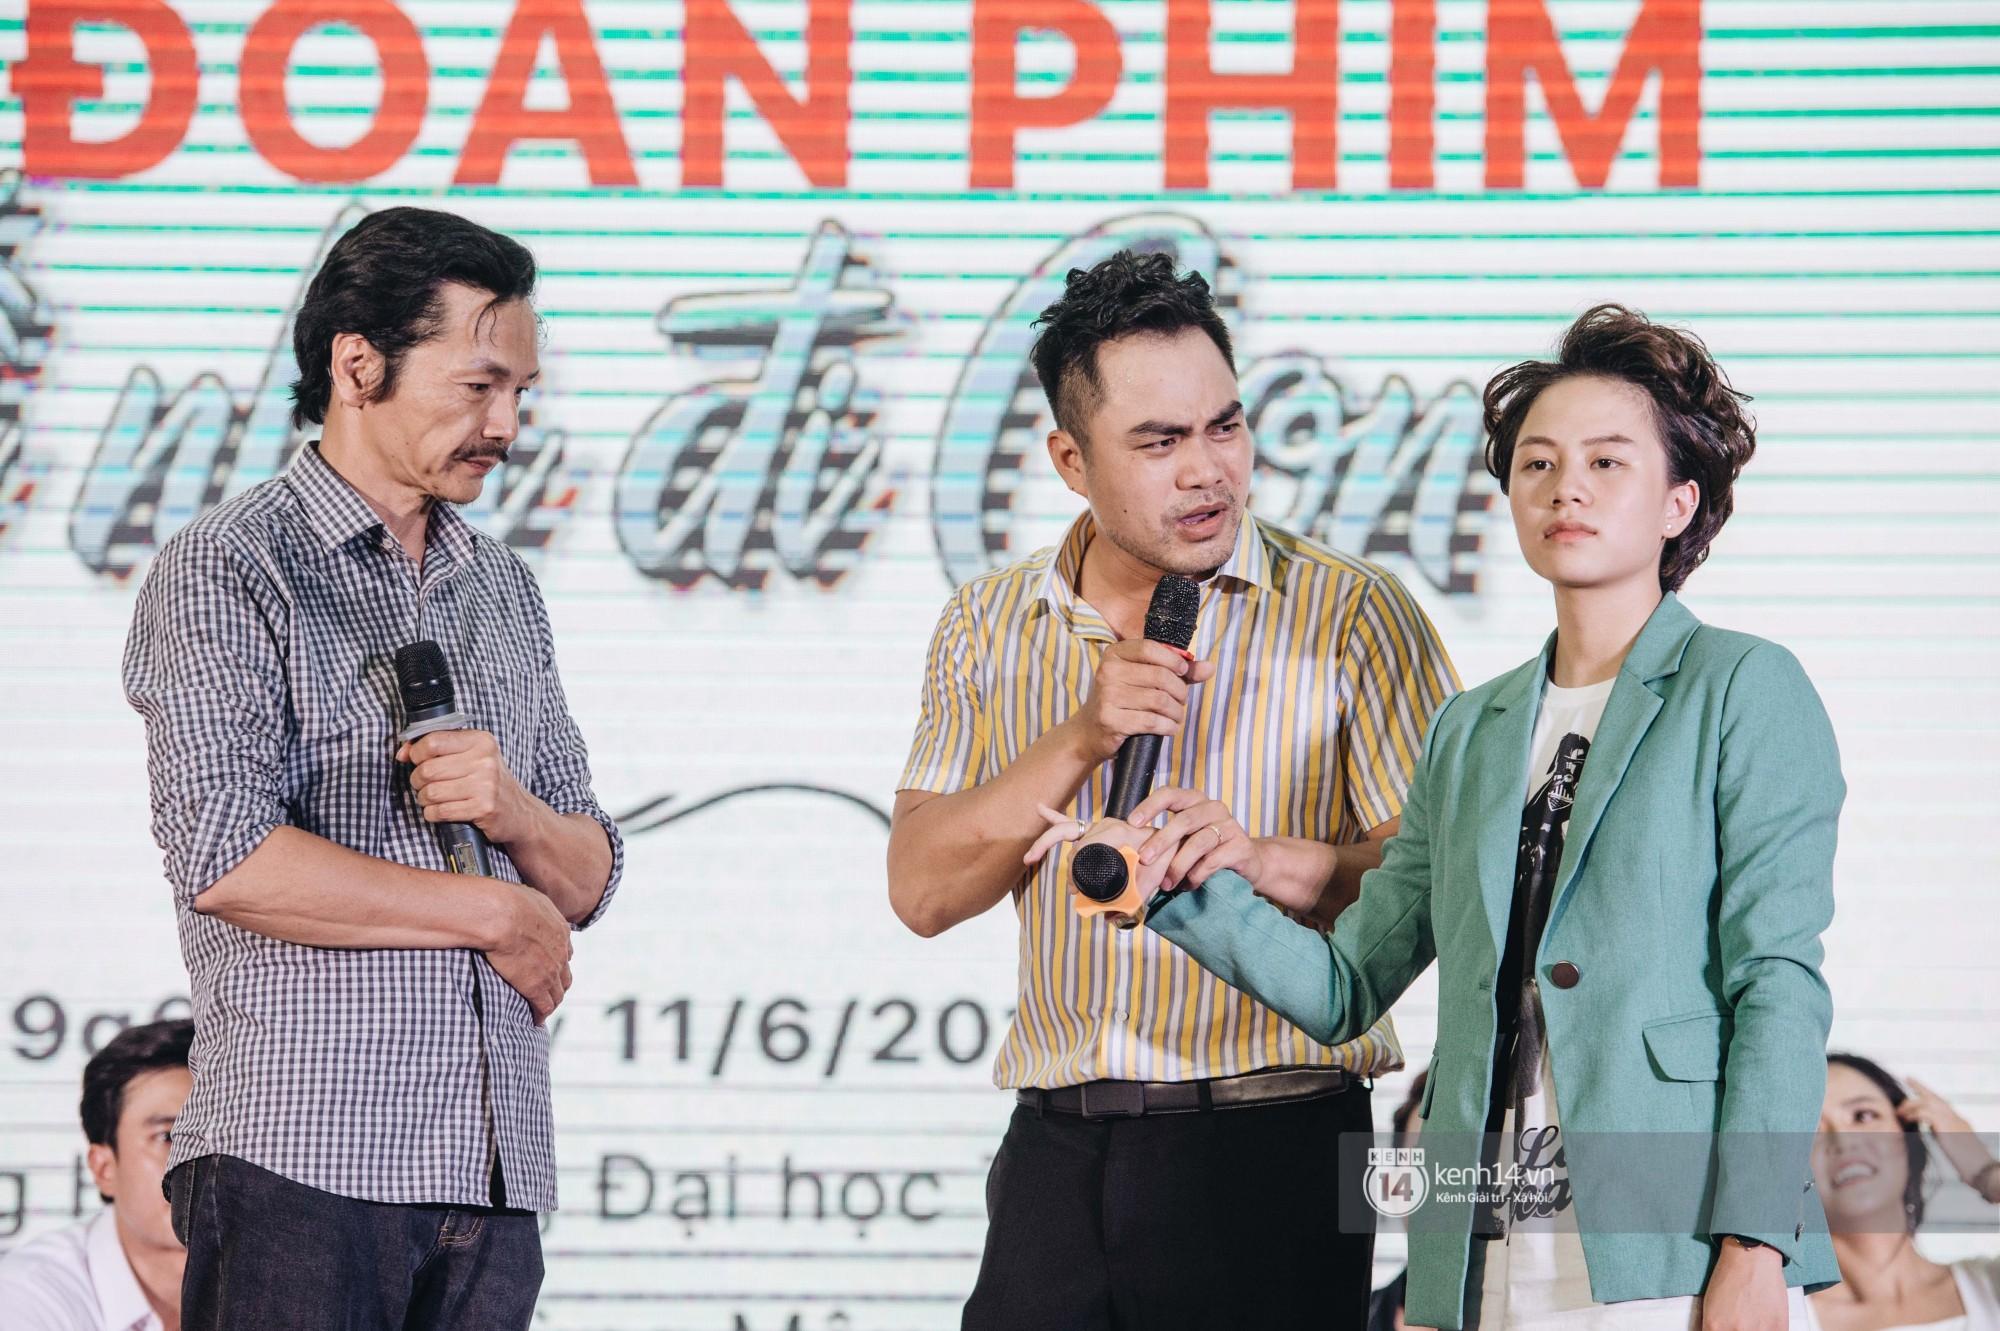 Câu chuyện tình đam mỹ nóng nhất đêm nay: NSƯT Trung Anh và Trọng Hùng từ bố chồng - con rể trở thành... cặp đôi? - Ảnh 3.